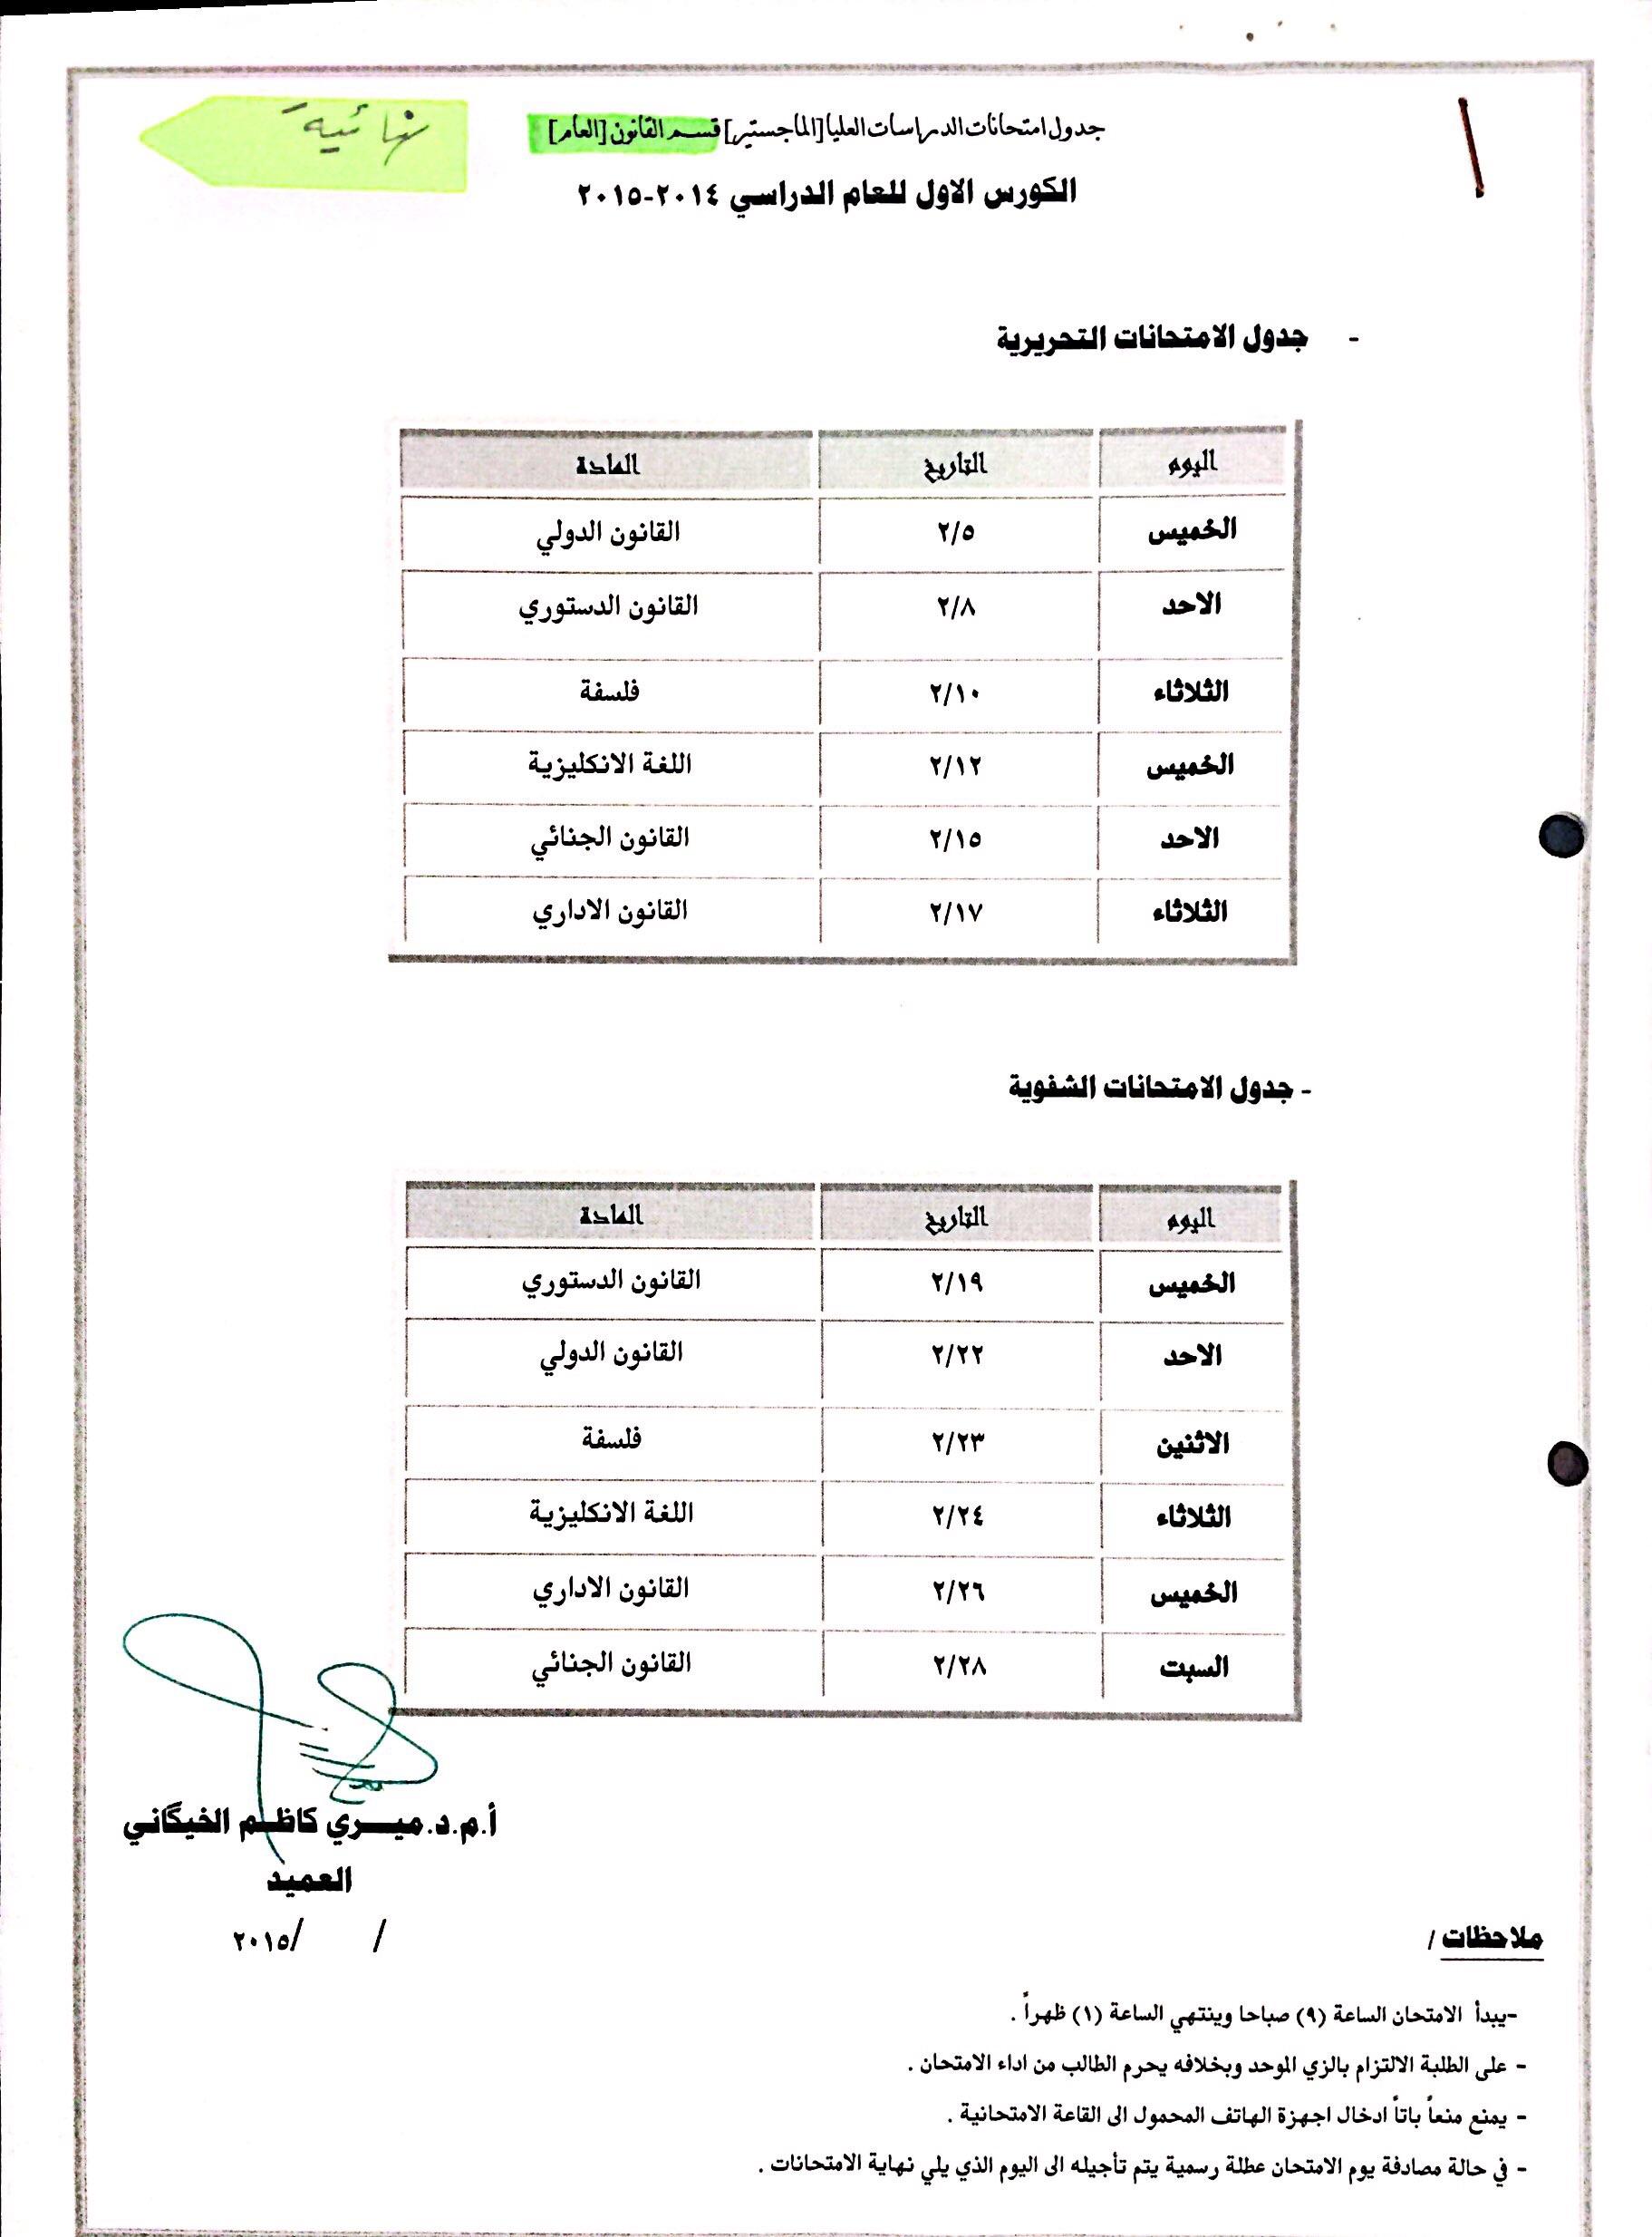 جديد ..جدول امتحانات الكورس الأول لطلبة الدراسات العليا لقسمي القانون (العام و الخاص)